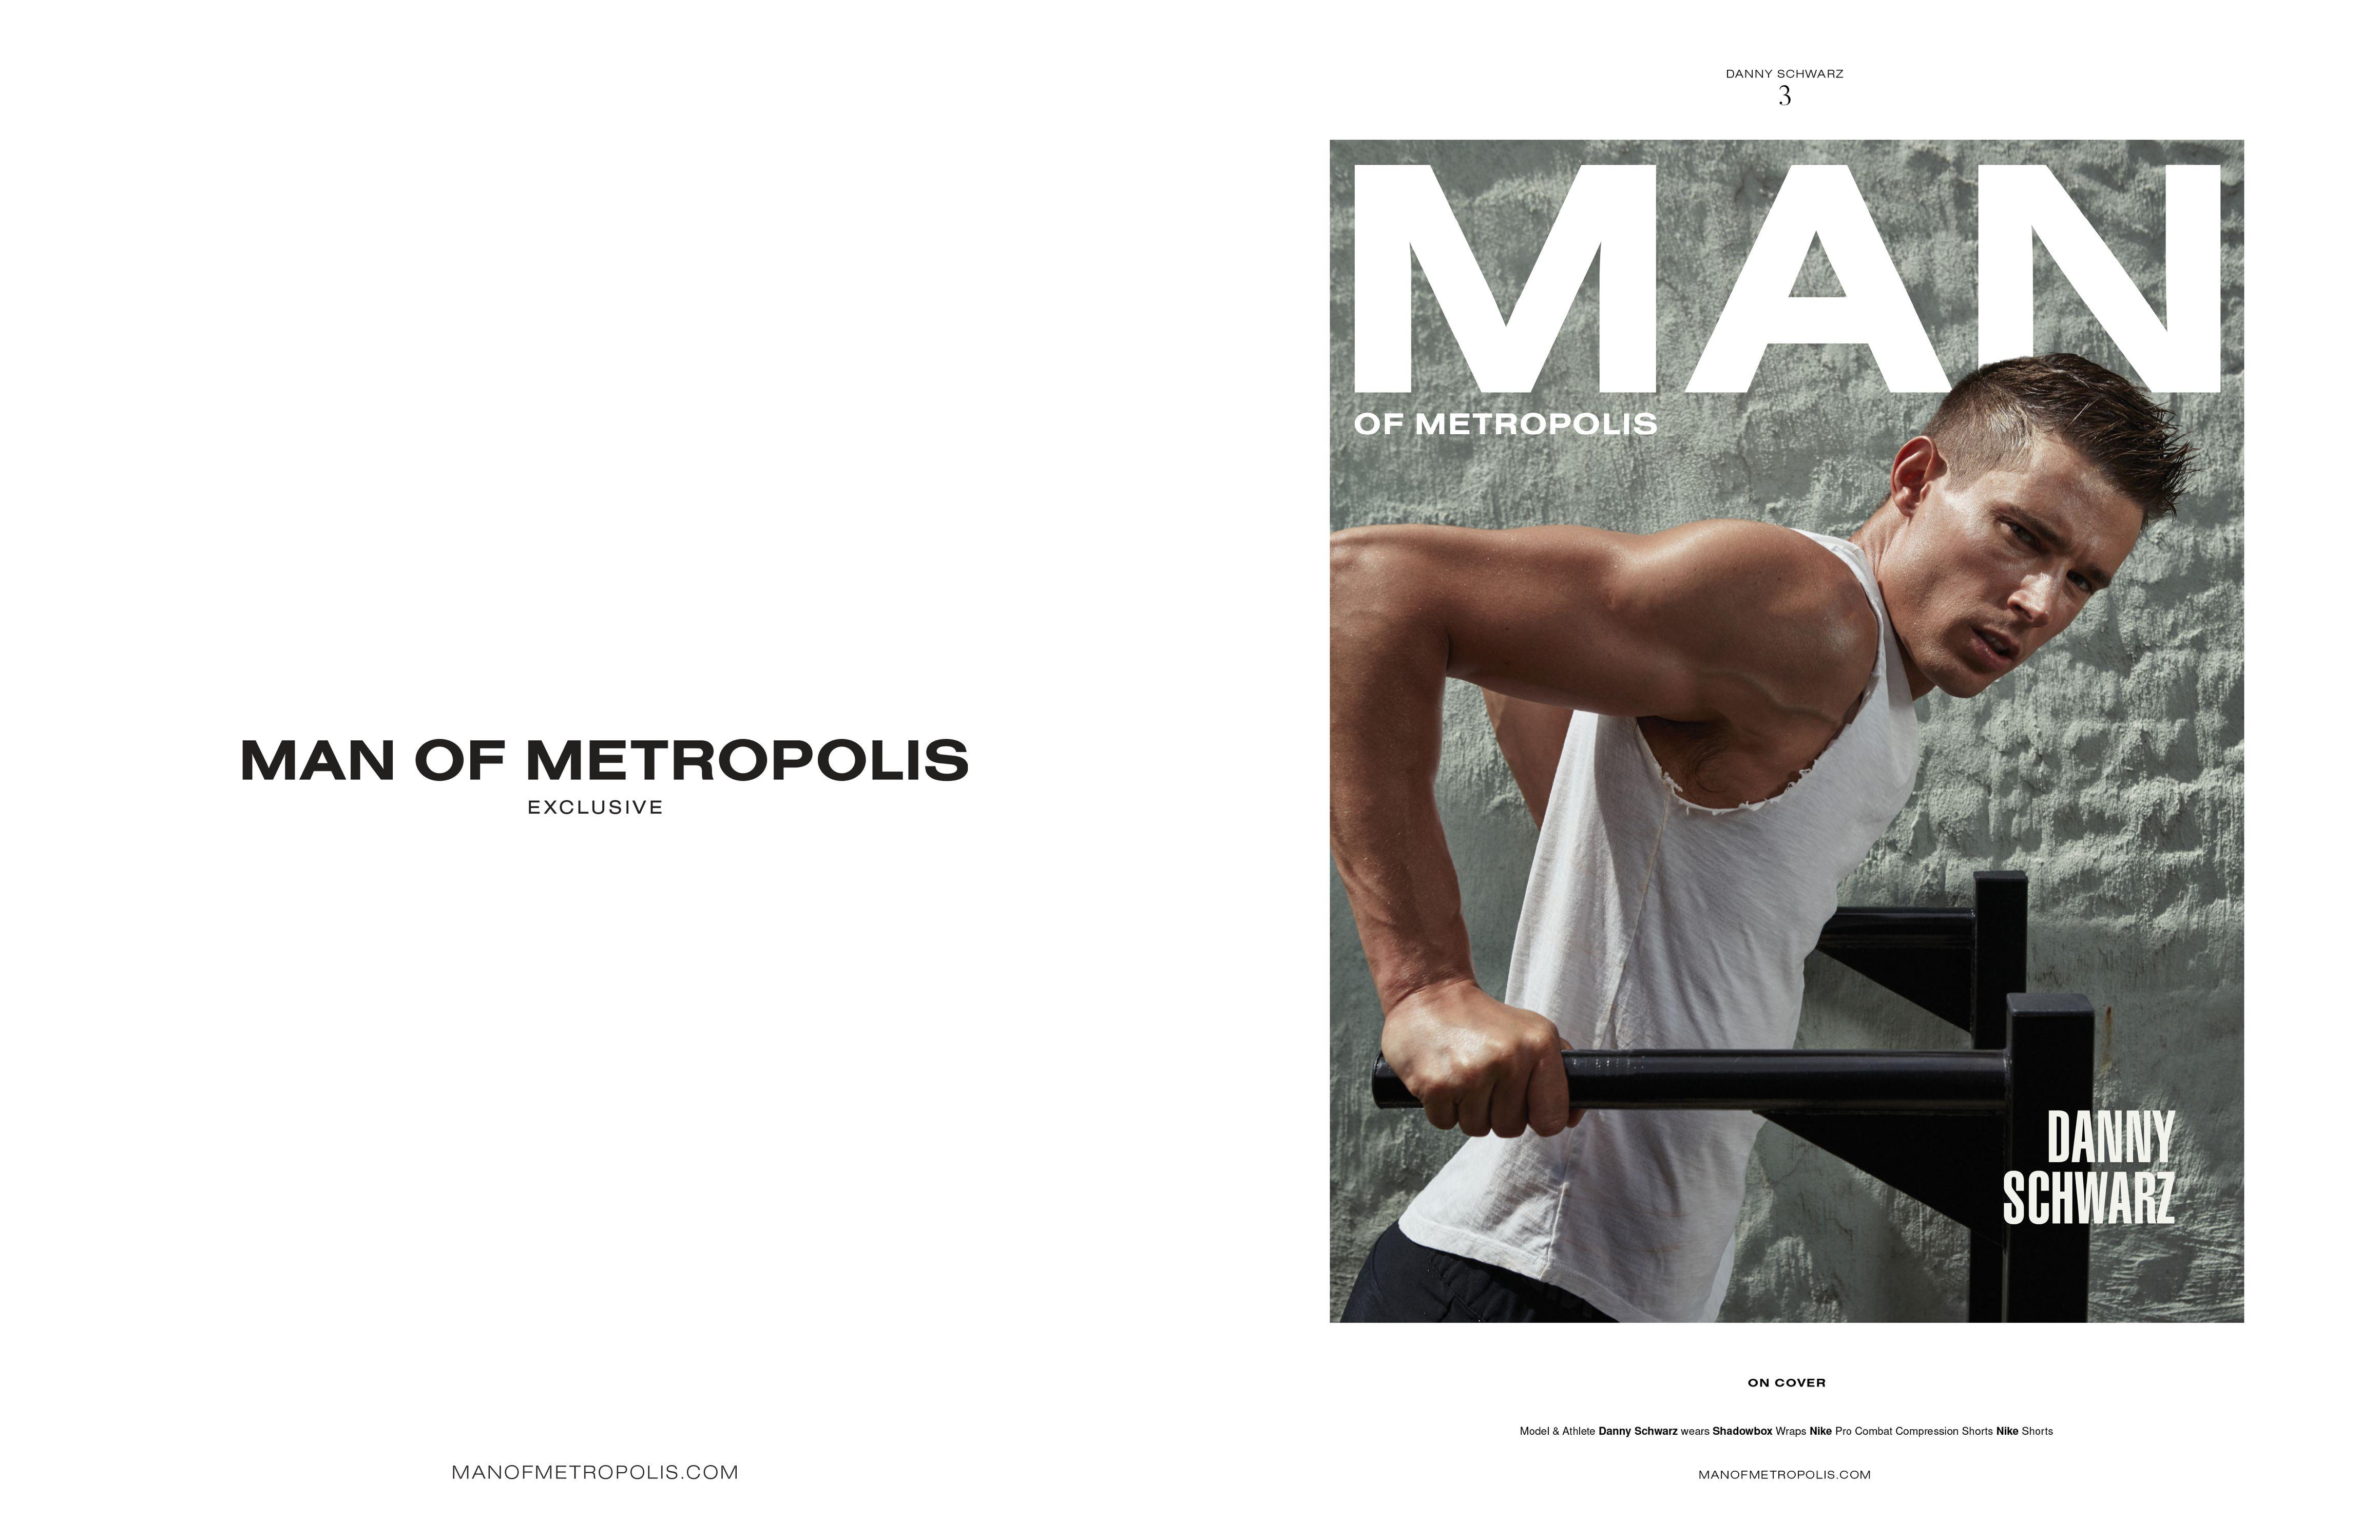 Man of Metropolis